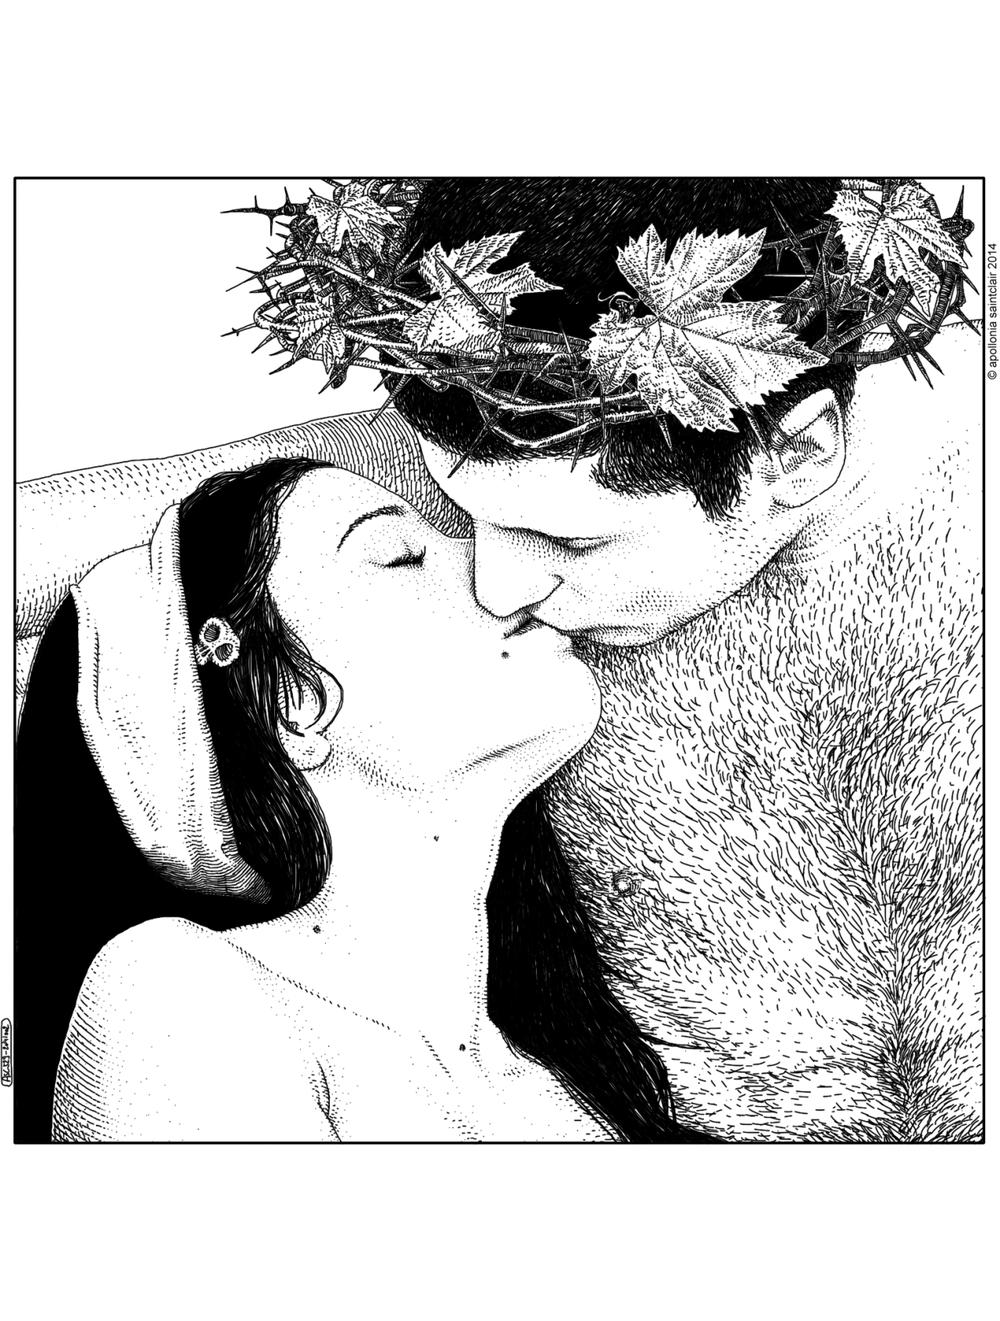 Apollonia Saincalir - Le baiser du deux fois né (The Bakuss)